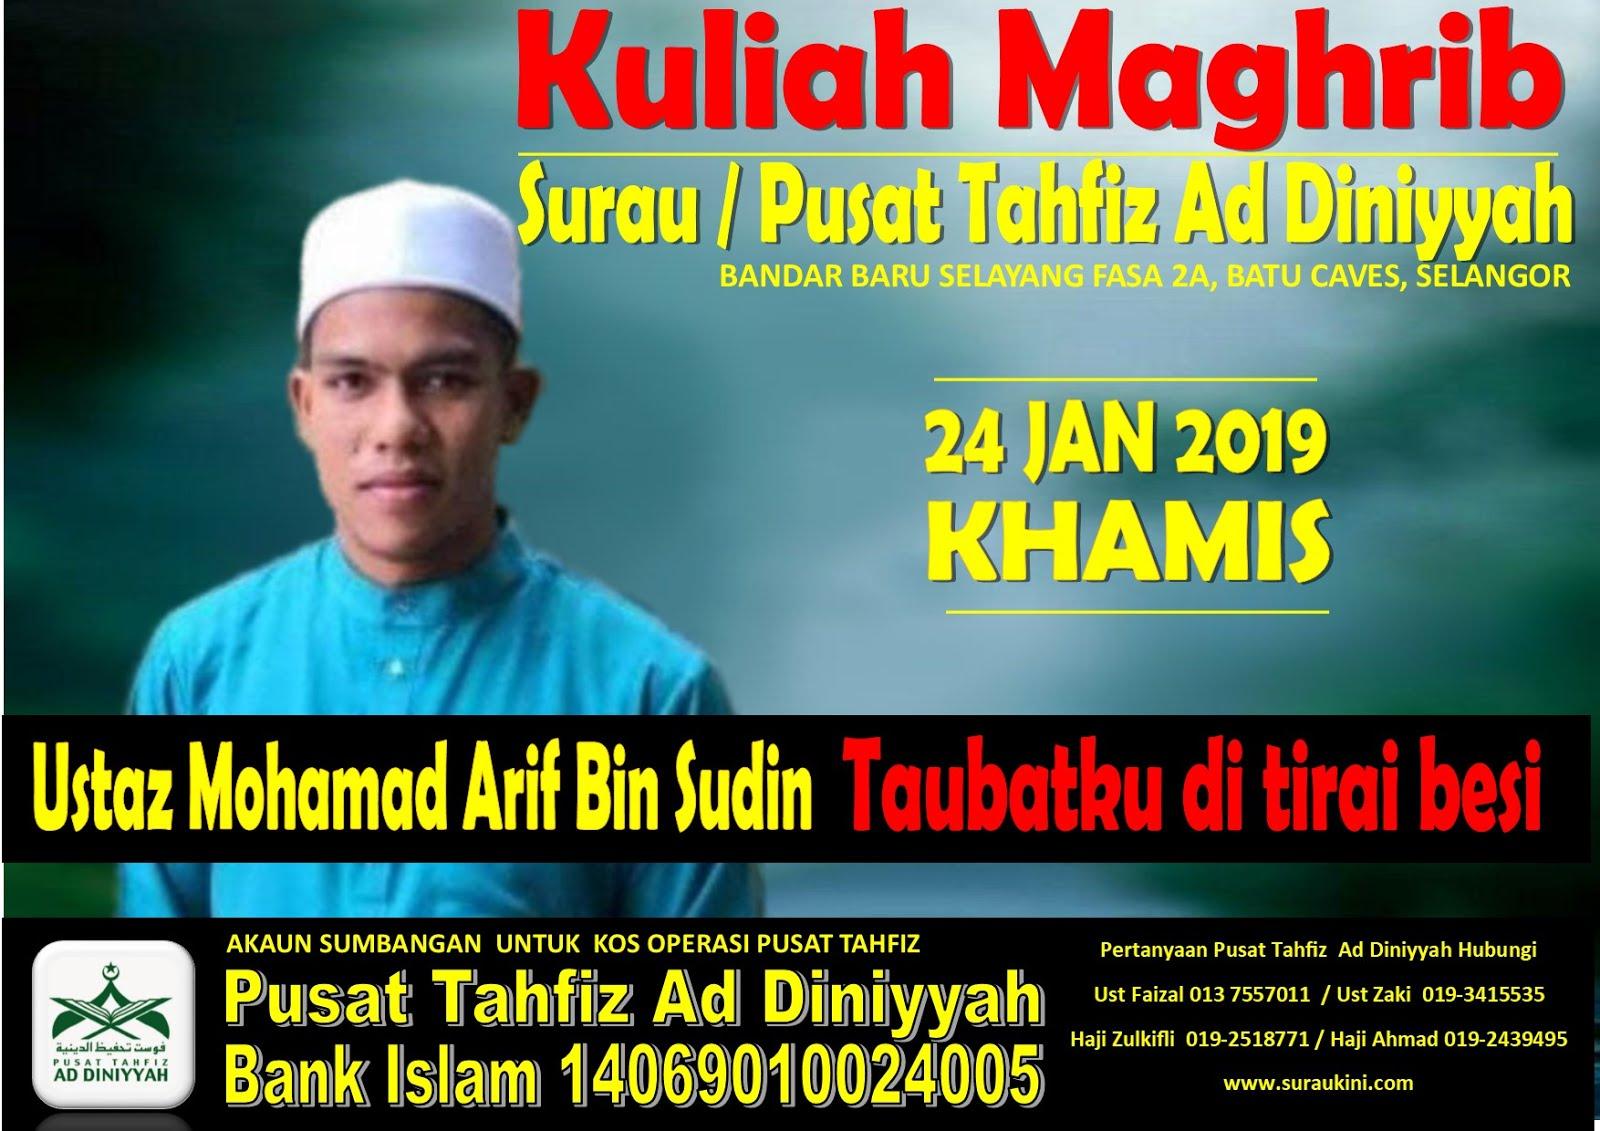 Kuliah Maghrib 24 Januari 2019